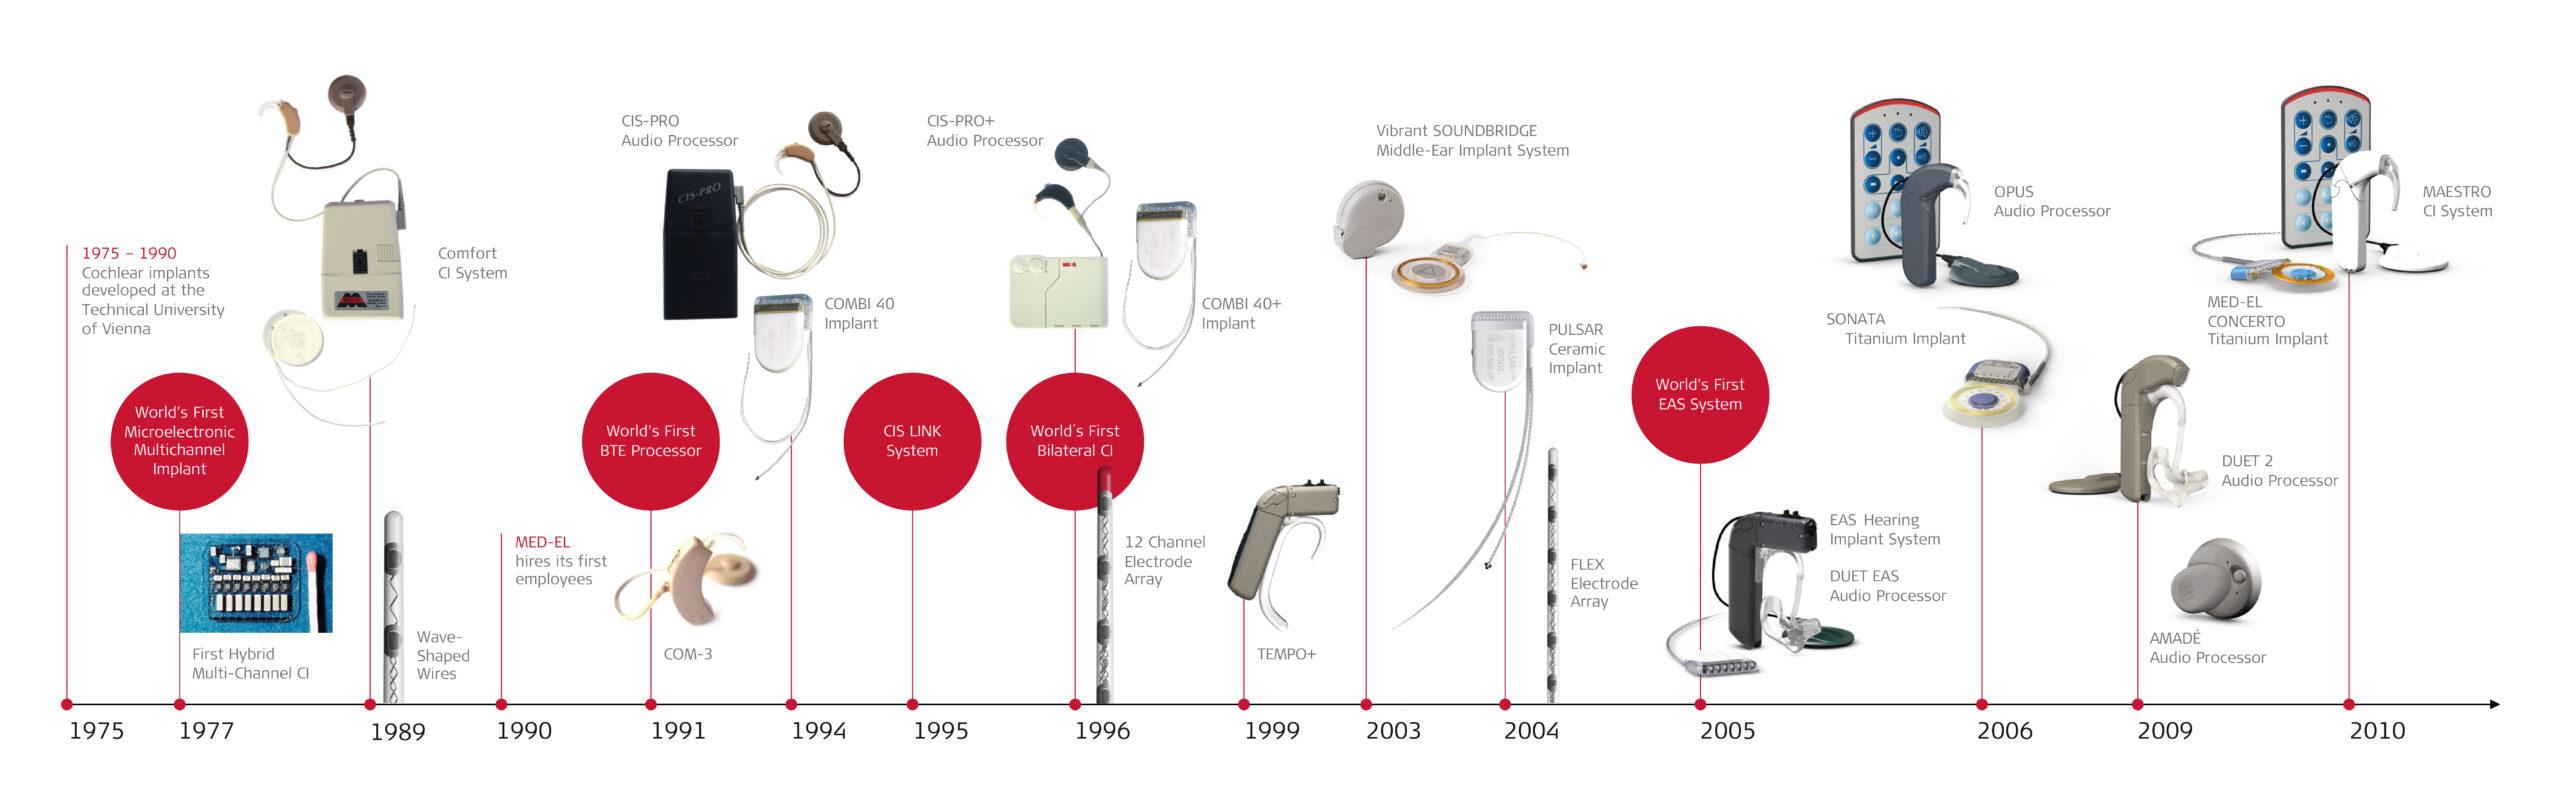 De geschiedenis van het CI in beeld